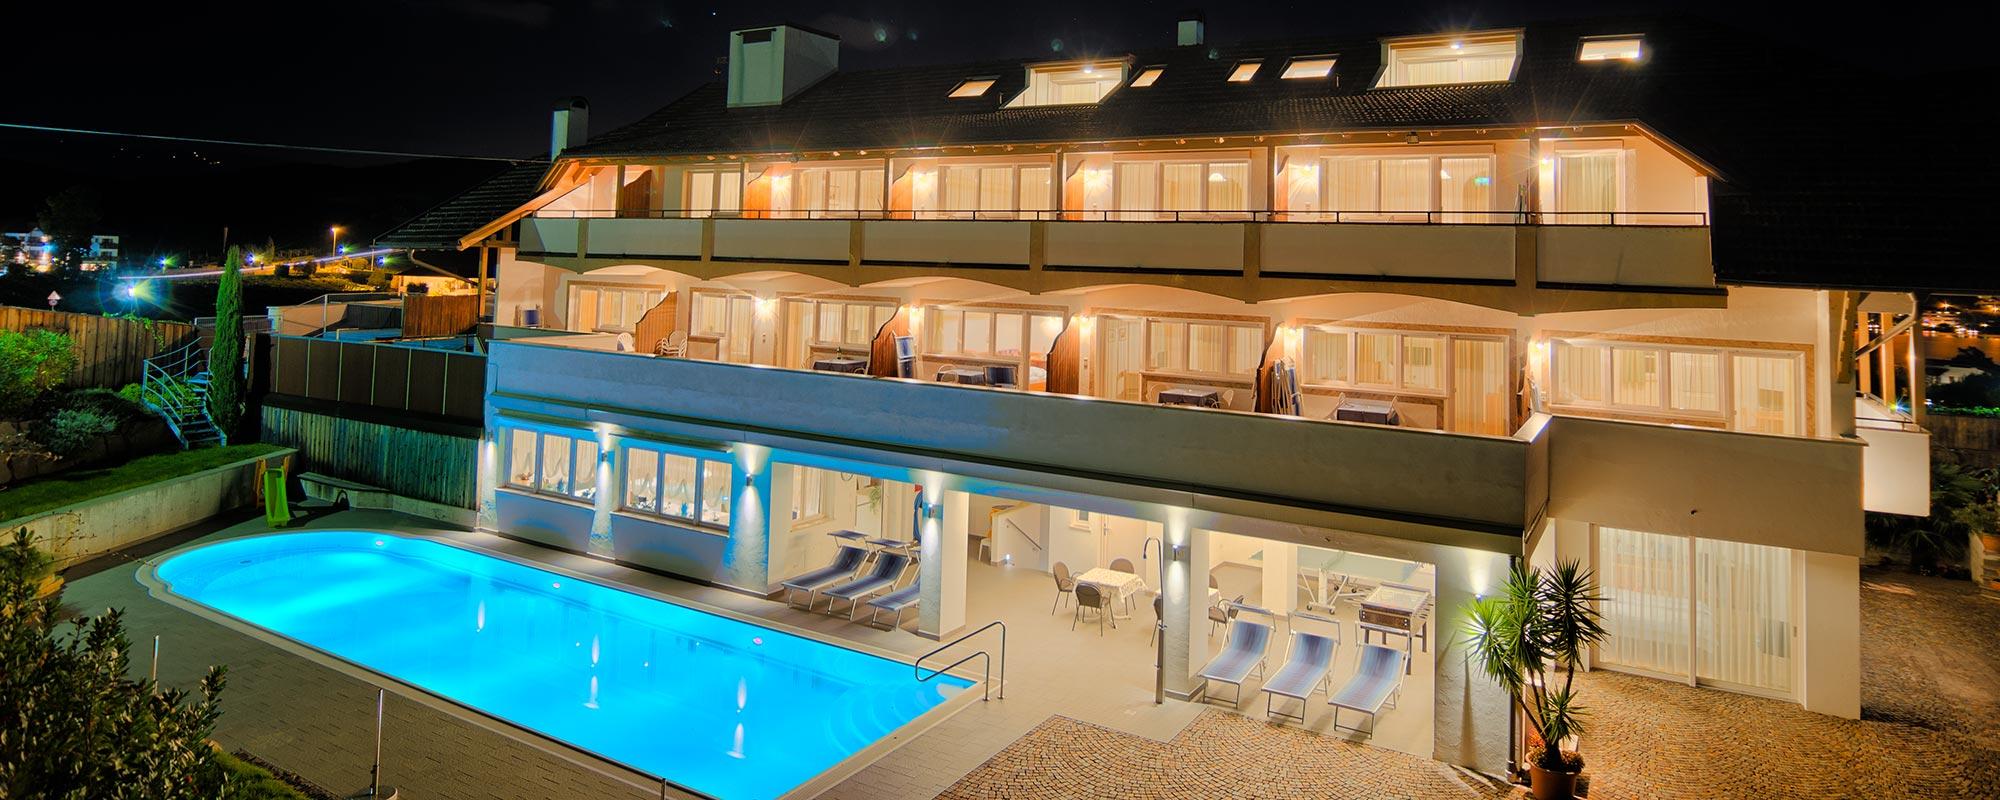 Kaltern Am See Hotel